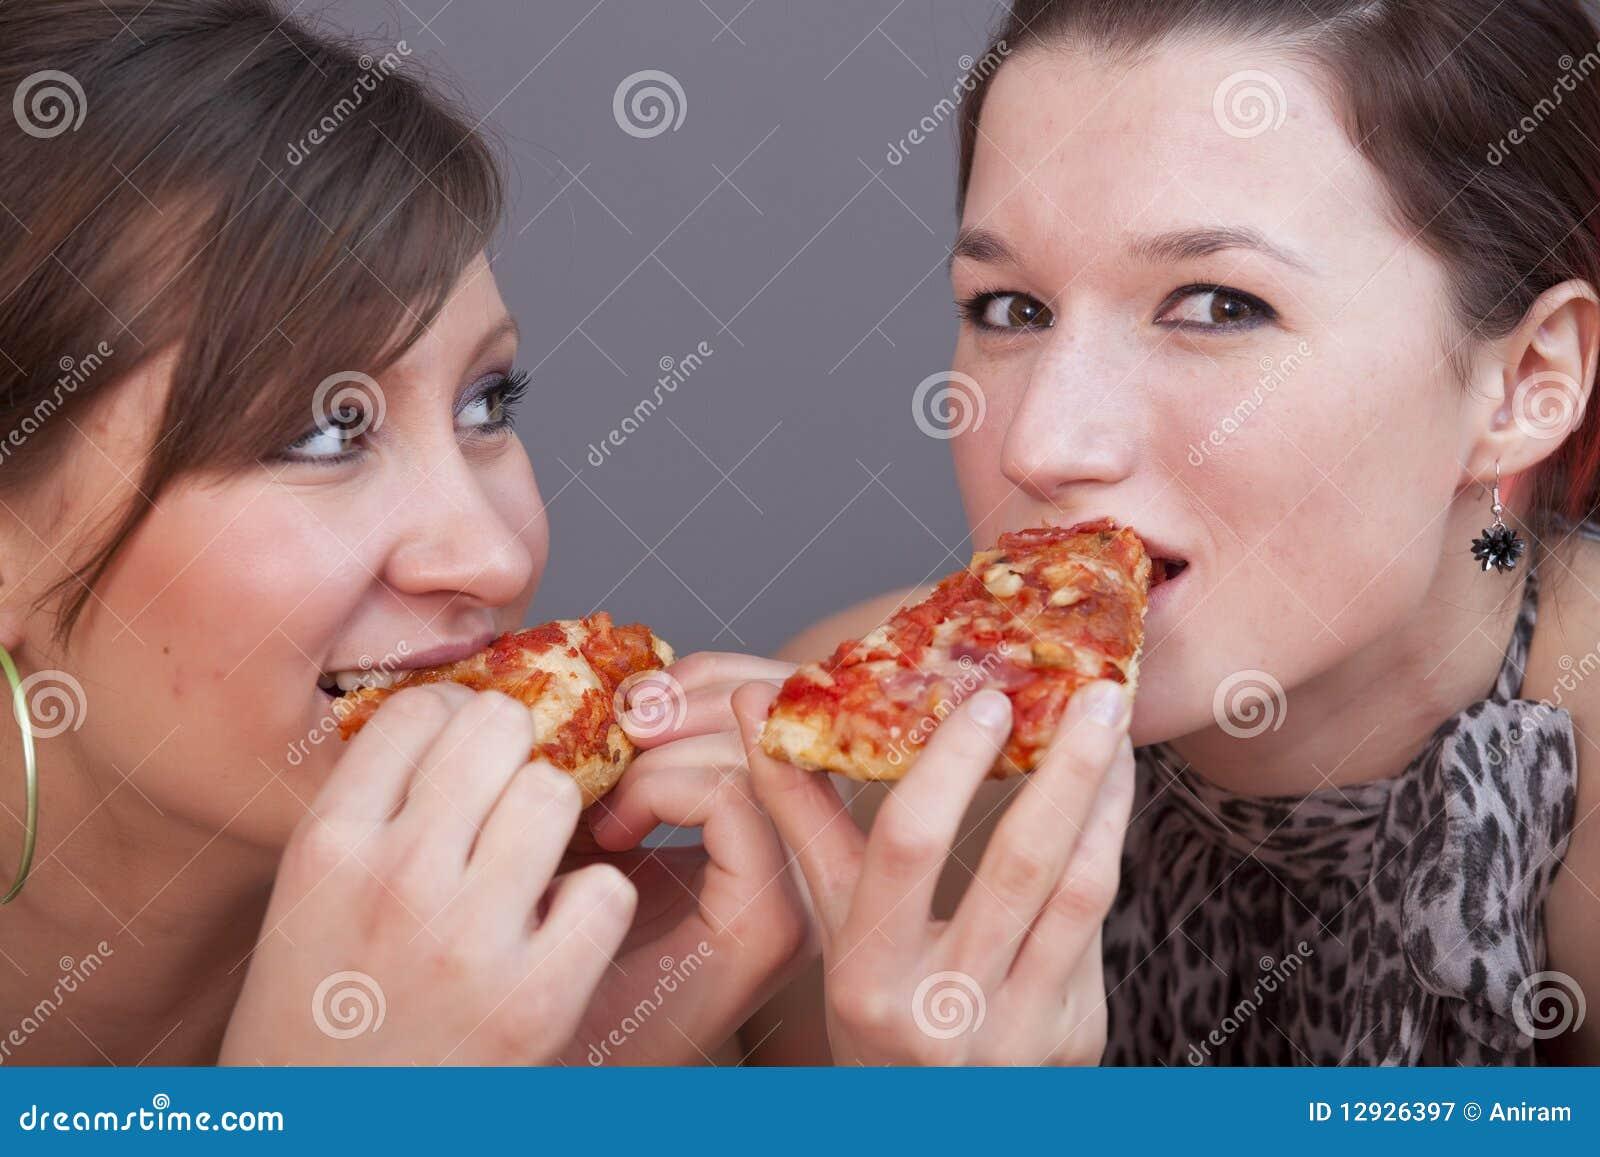 Blondine Fickt Pizzajungen Und Die Pizza